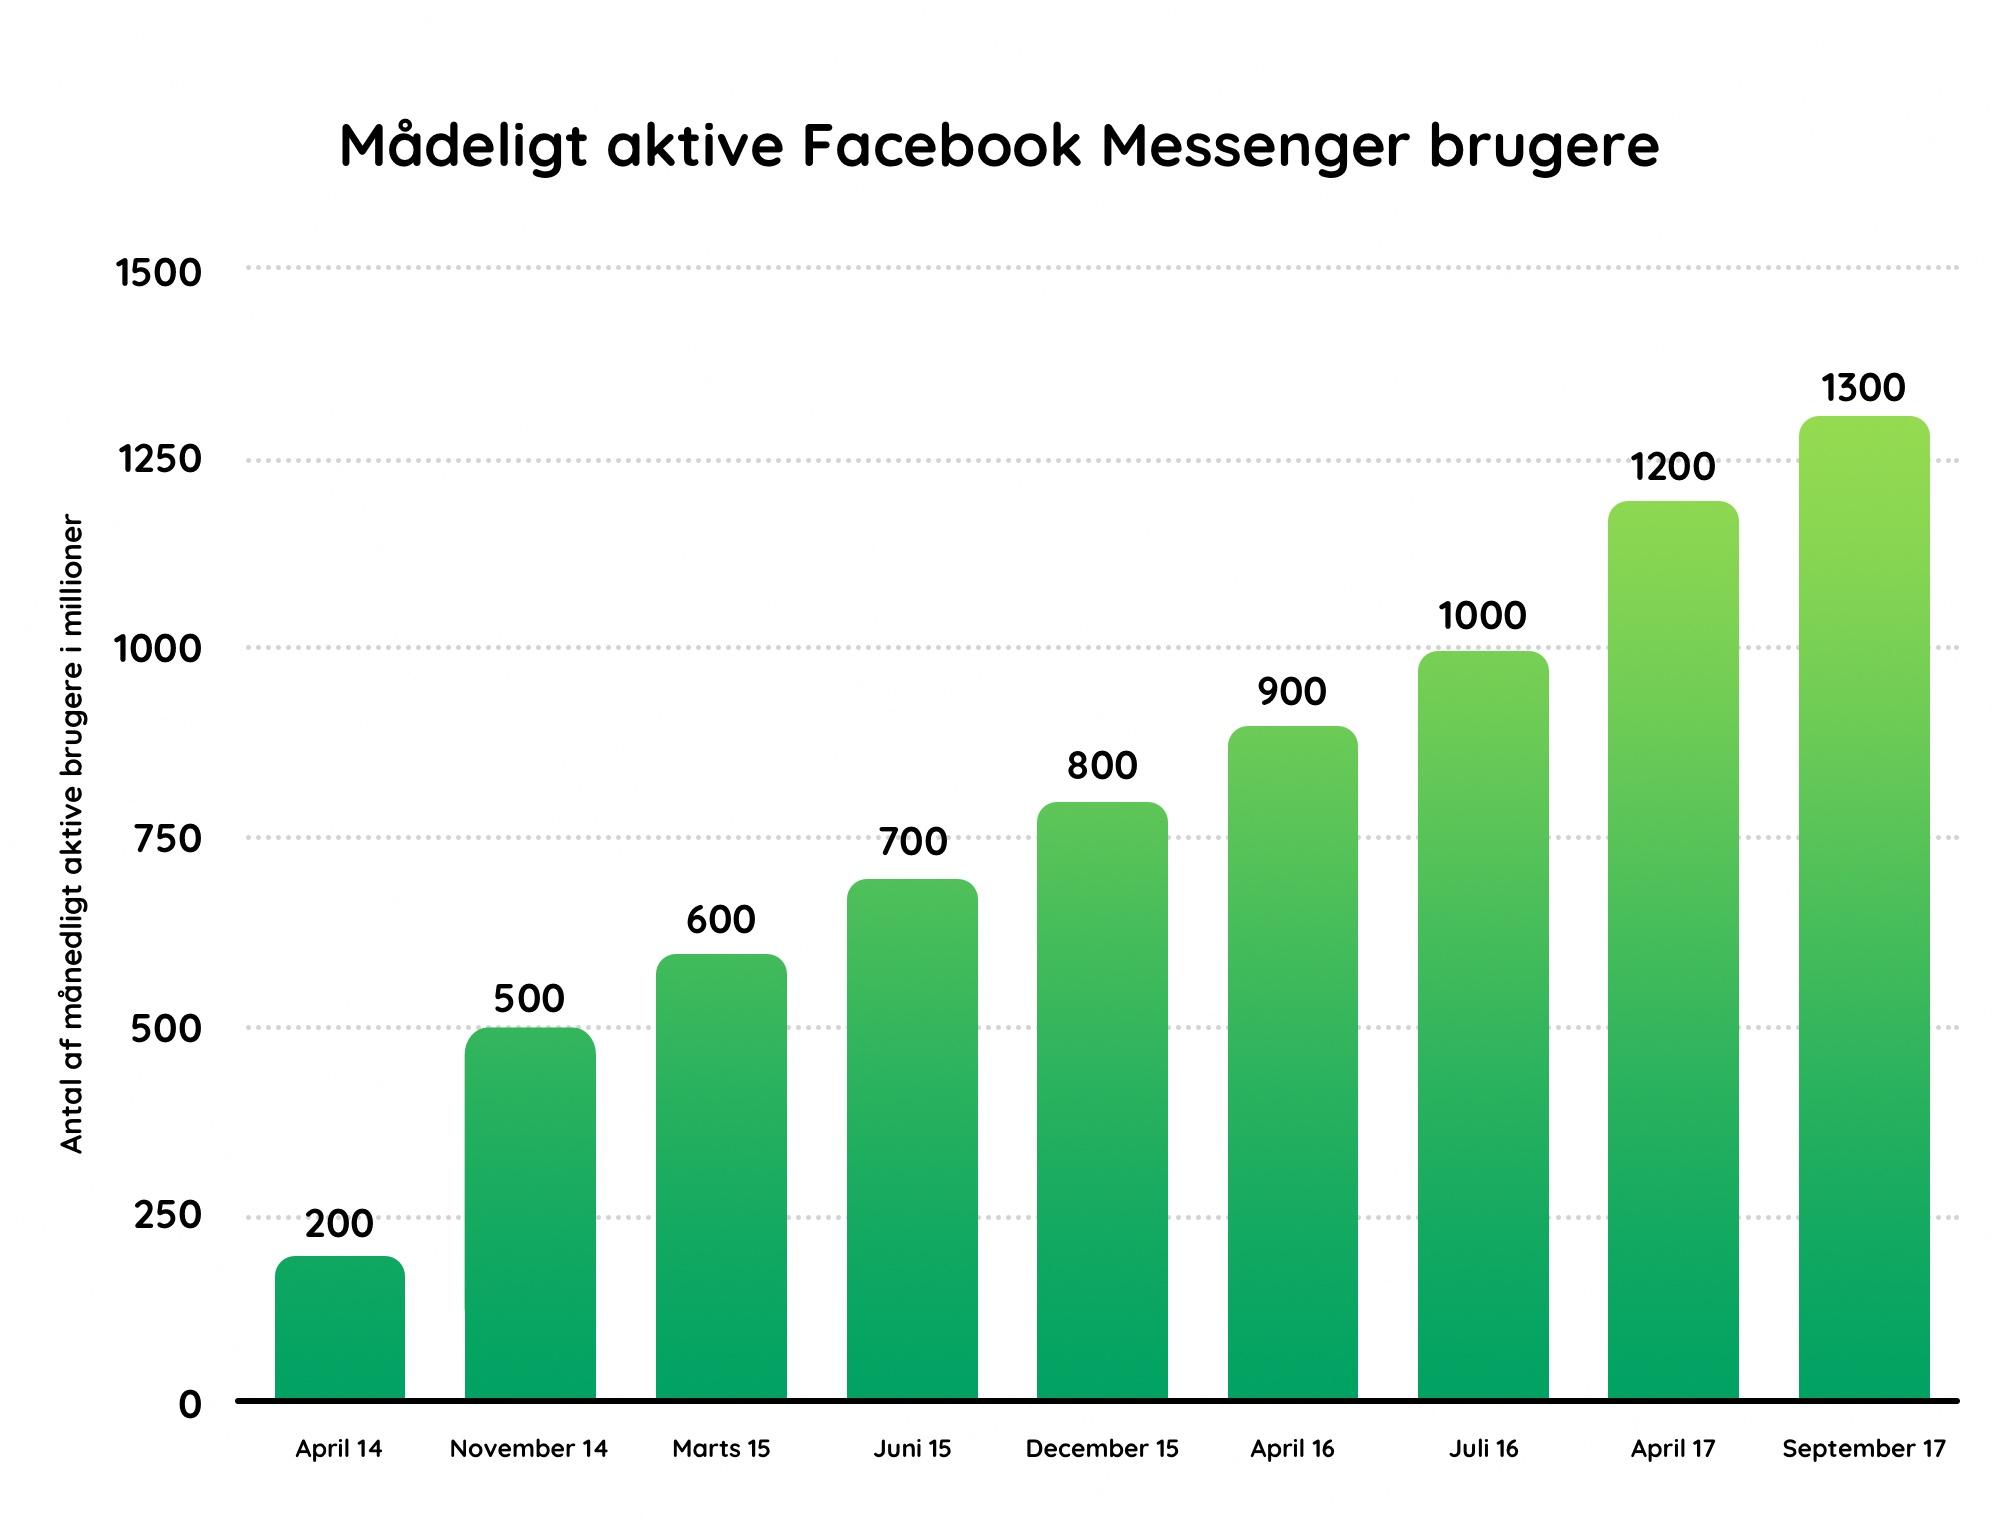 Chatbots er kommet for at blive. Diagrammet viser stigningen i Facebook Messenger brugere som udgør grundlaget for chatbottens eksistens.